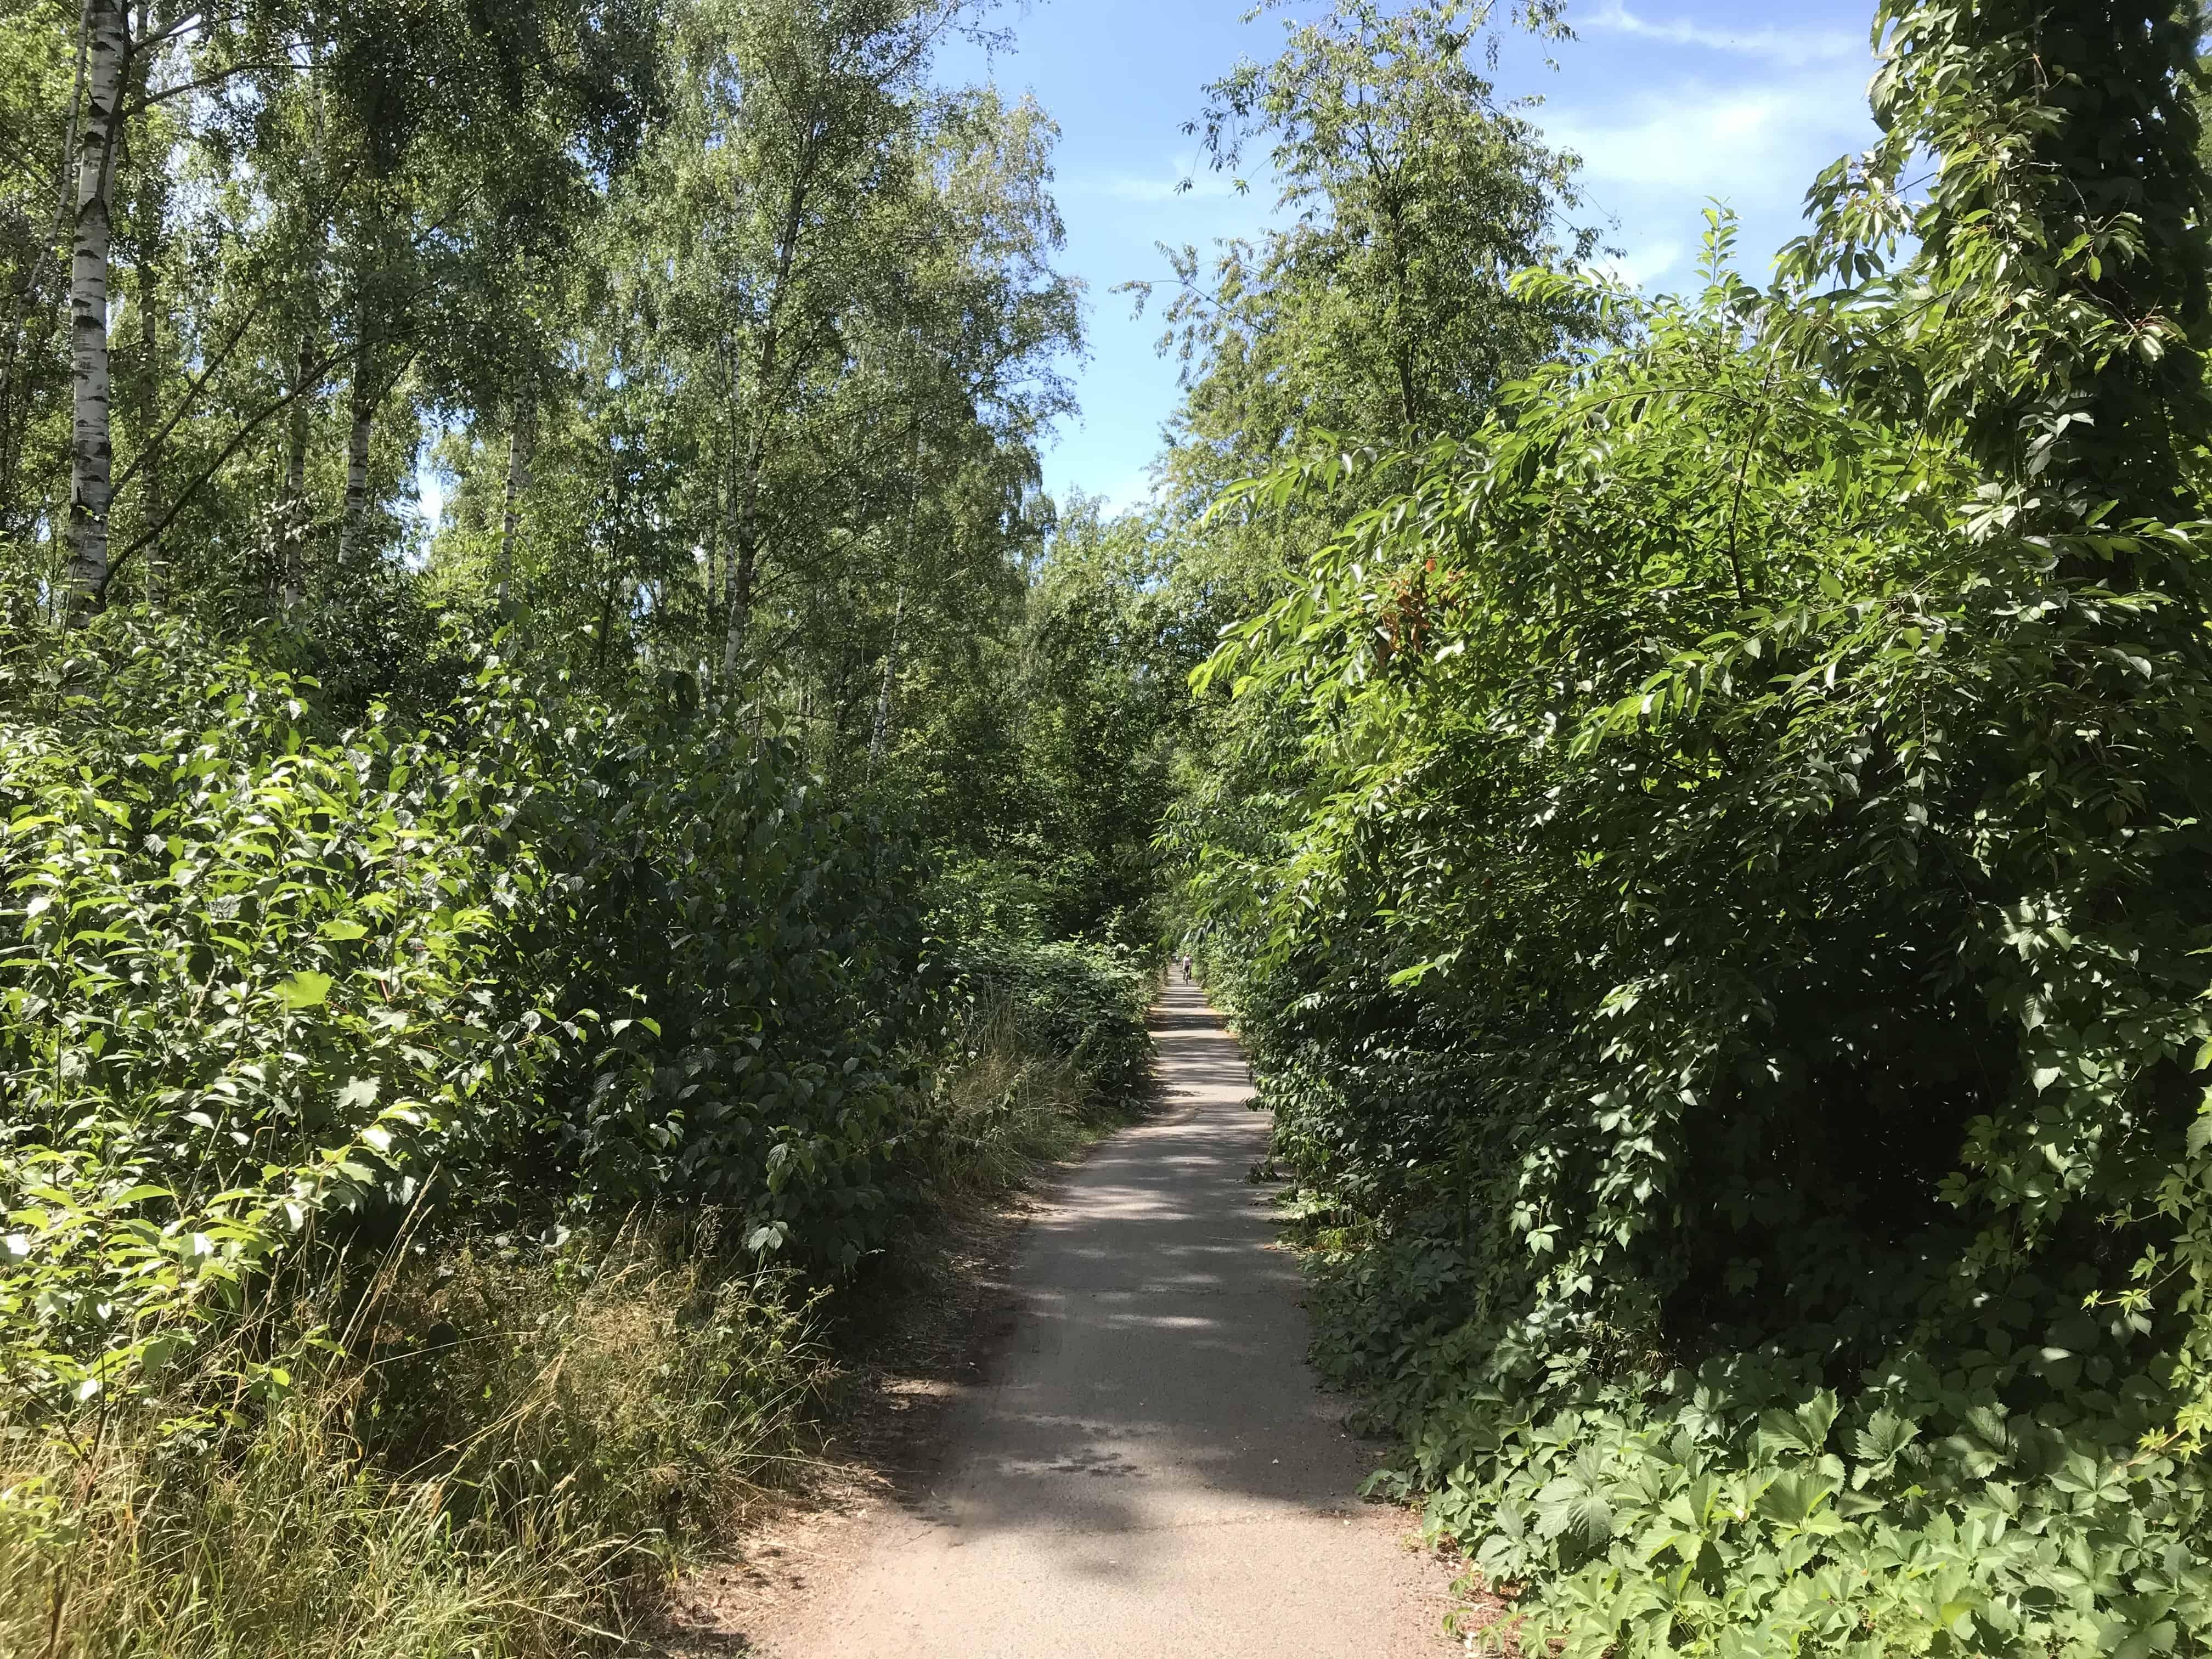 Wandrweg, grün, Natur, 1 Etappe der Via Imperii Berlin - Teltow